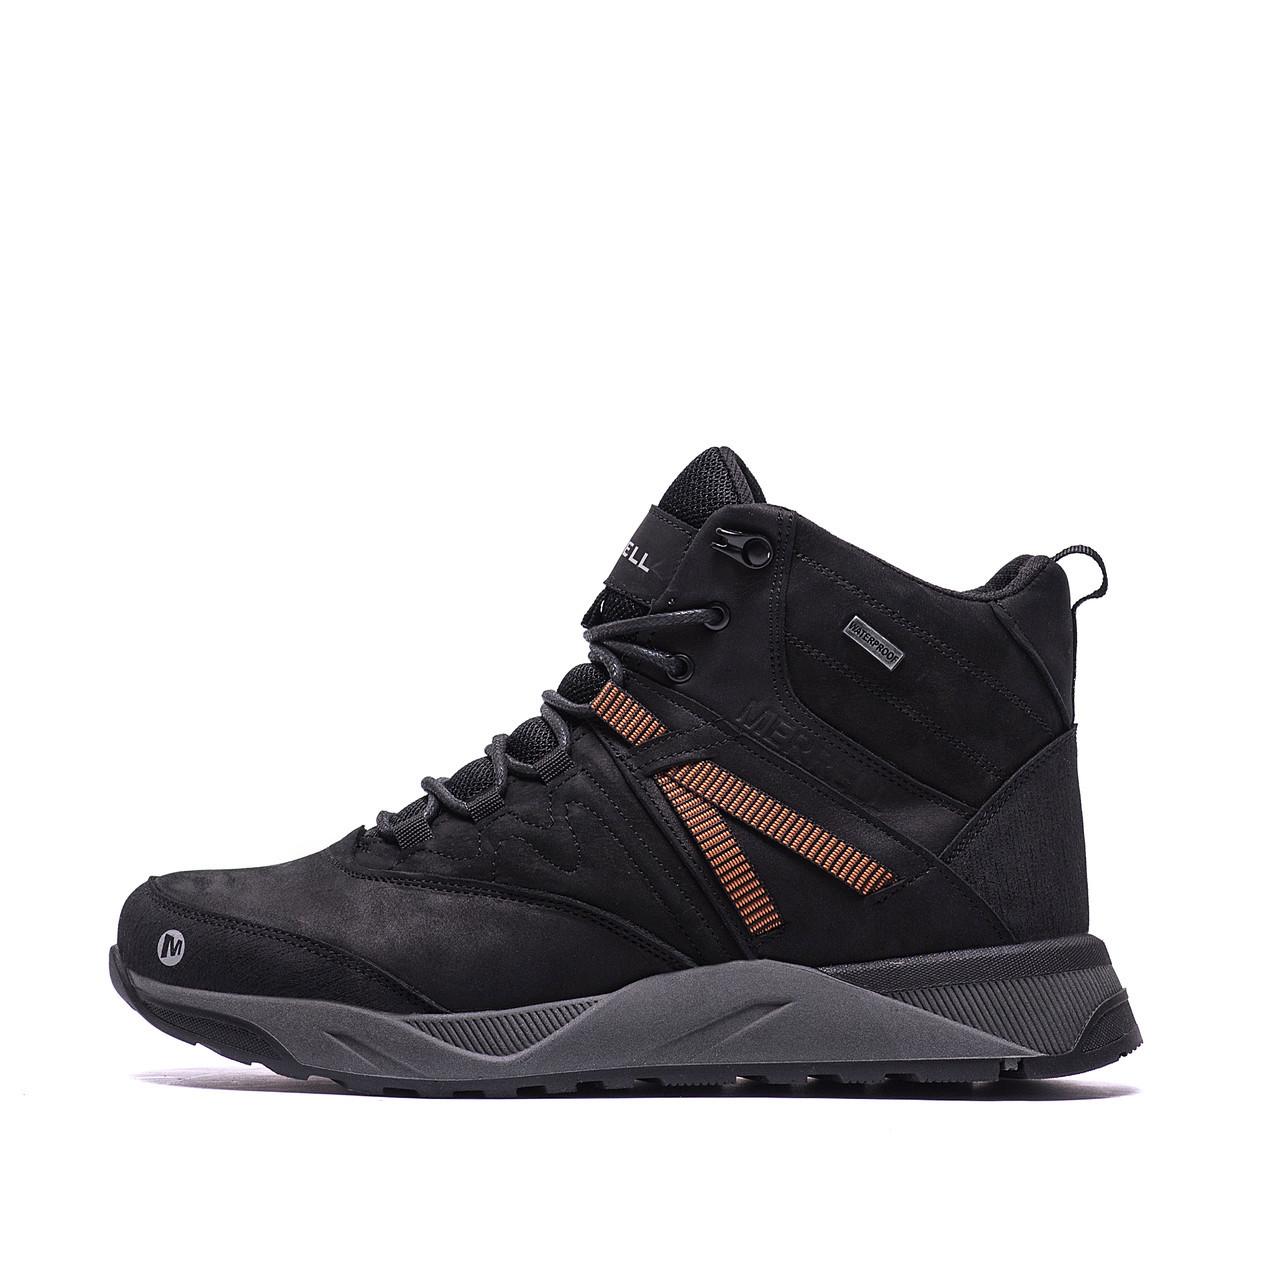 Чоловічі зимові шкіряні черевики MERRELL Black р. 43 44